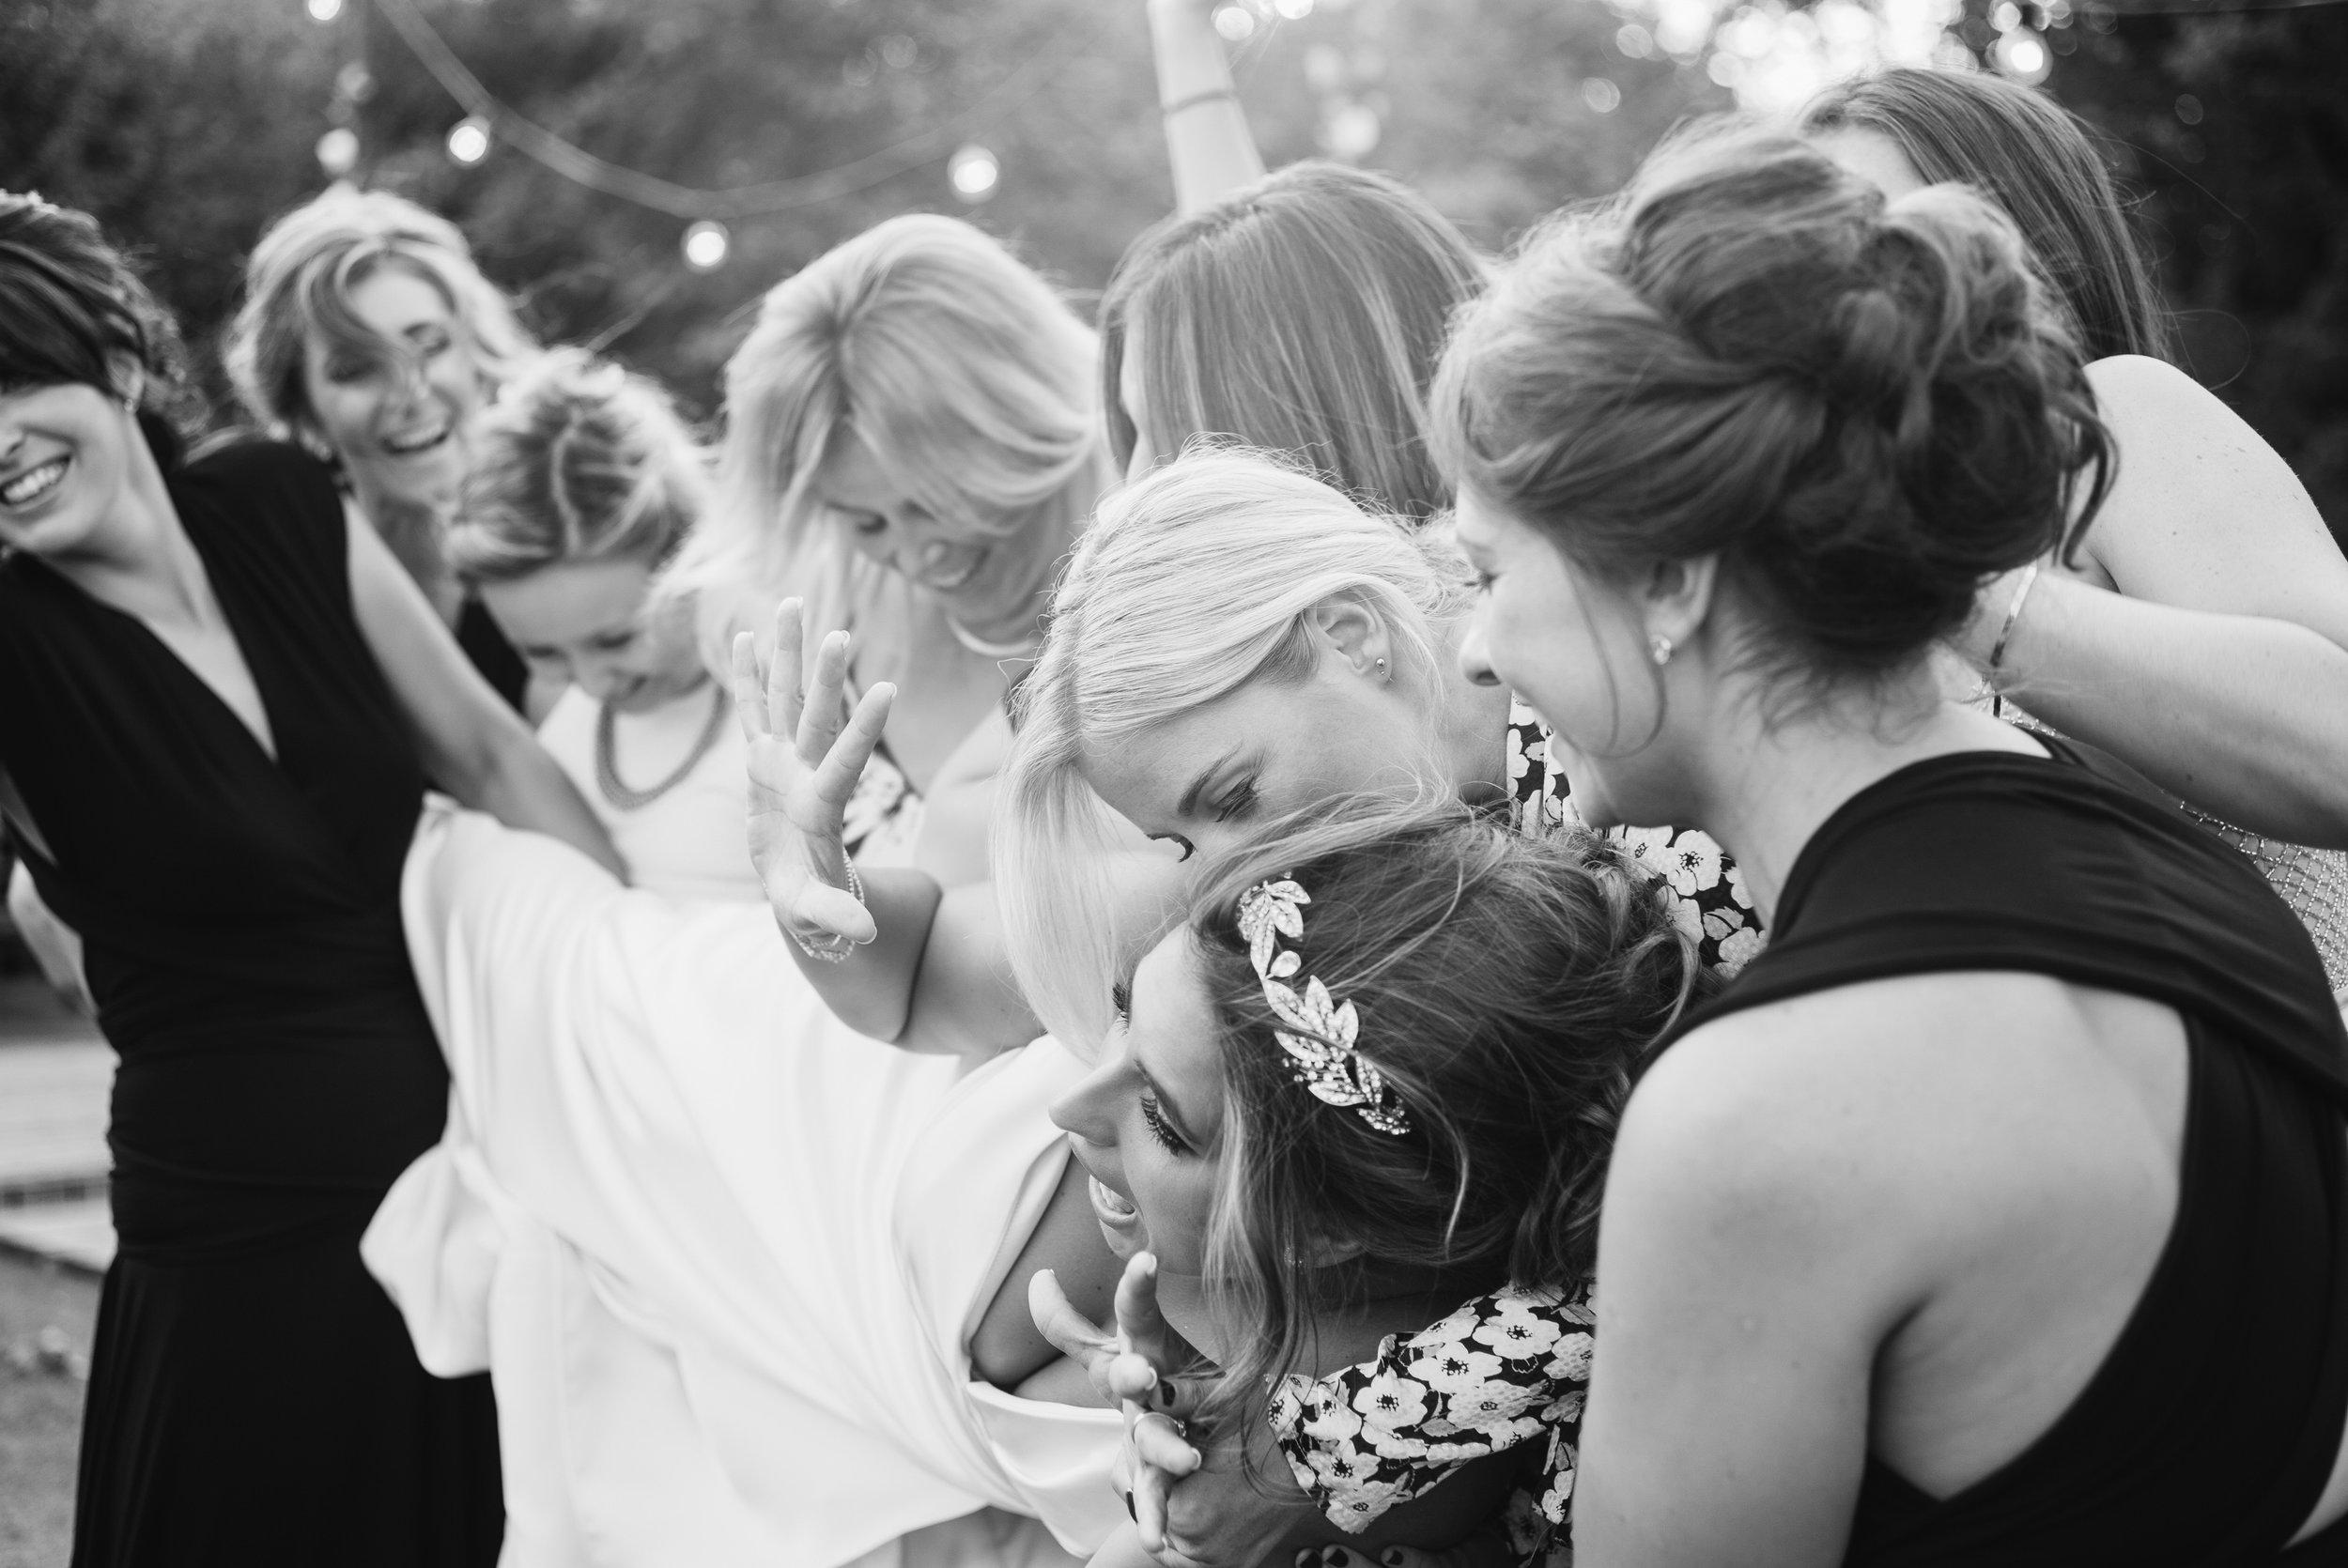 Joshua_Fray_Wedding_Photography-19_qkeres.jpg